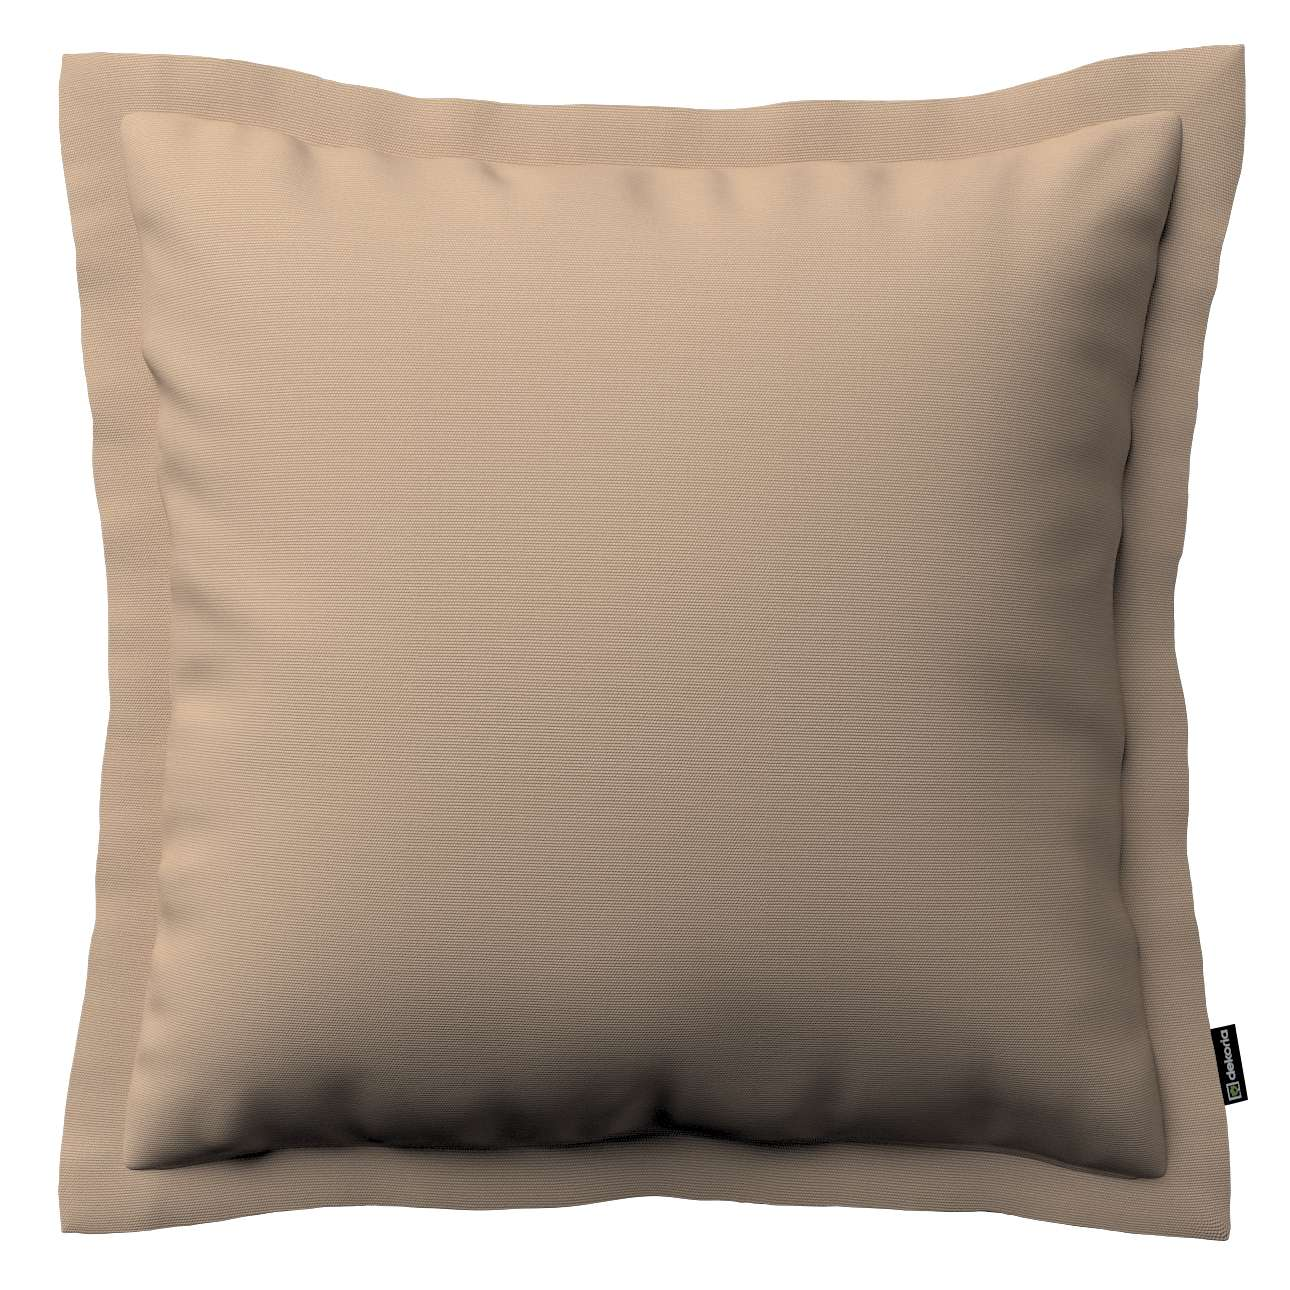 Mona dekoratyvinių pagalvėlių užvalkalas su sienele 45 x 45cm kolekcijoje Cotton Panama, audinys: 702-28